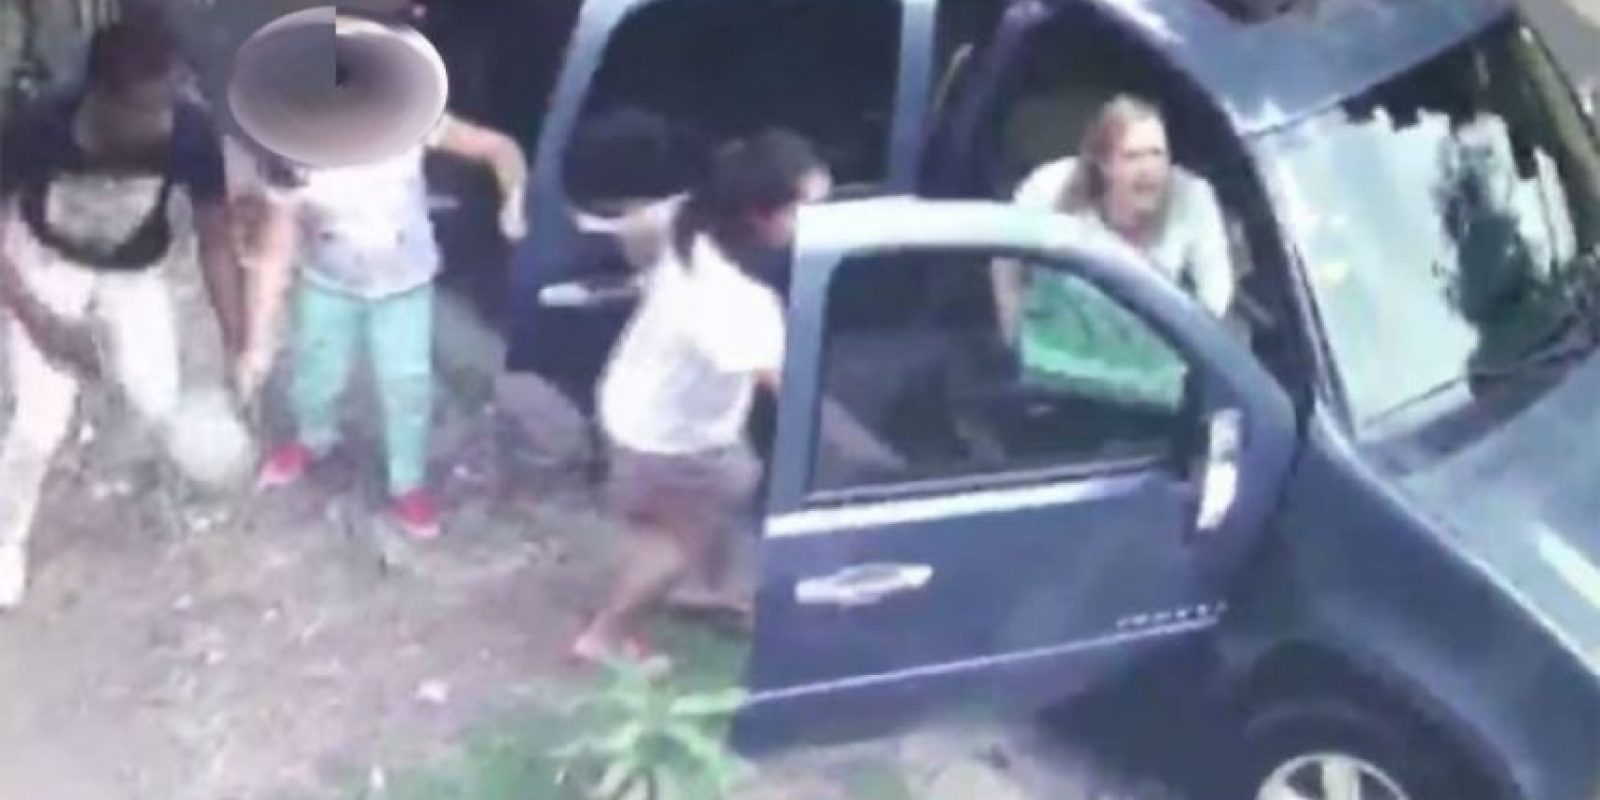 En moto cuatro atracan a dos mujeres con niñas. El sábado 4 comenzó a circular en las redes un video que muestra a cuatro hombres que asaltaron a dos mujeres y dos niñas cuando se desmontaban del vehículo en que se trasladaban, en el Ensanche Piantini de esta Capital.La Policía detuvo a Carlos Manuel Berrroa, de 25 años, quien permanece recluido en el Hospital Salvador B. Gautier, tras supuestamente enfrentar a tiros a una patrulla, e informó que se apresó al segundo de los cuatro, identificado como Johansel Reyes. Están prófugos Alexander Martínez y un tal Jimmy. Foto:Feunte externa